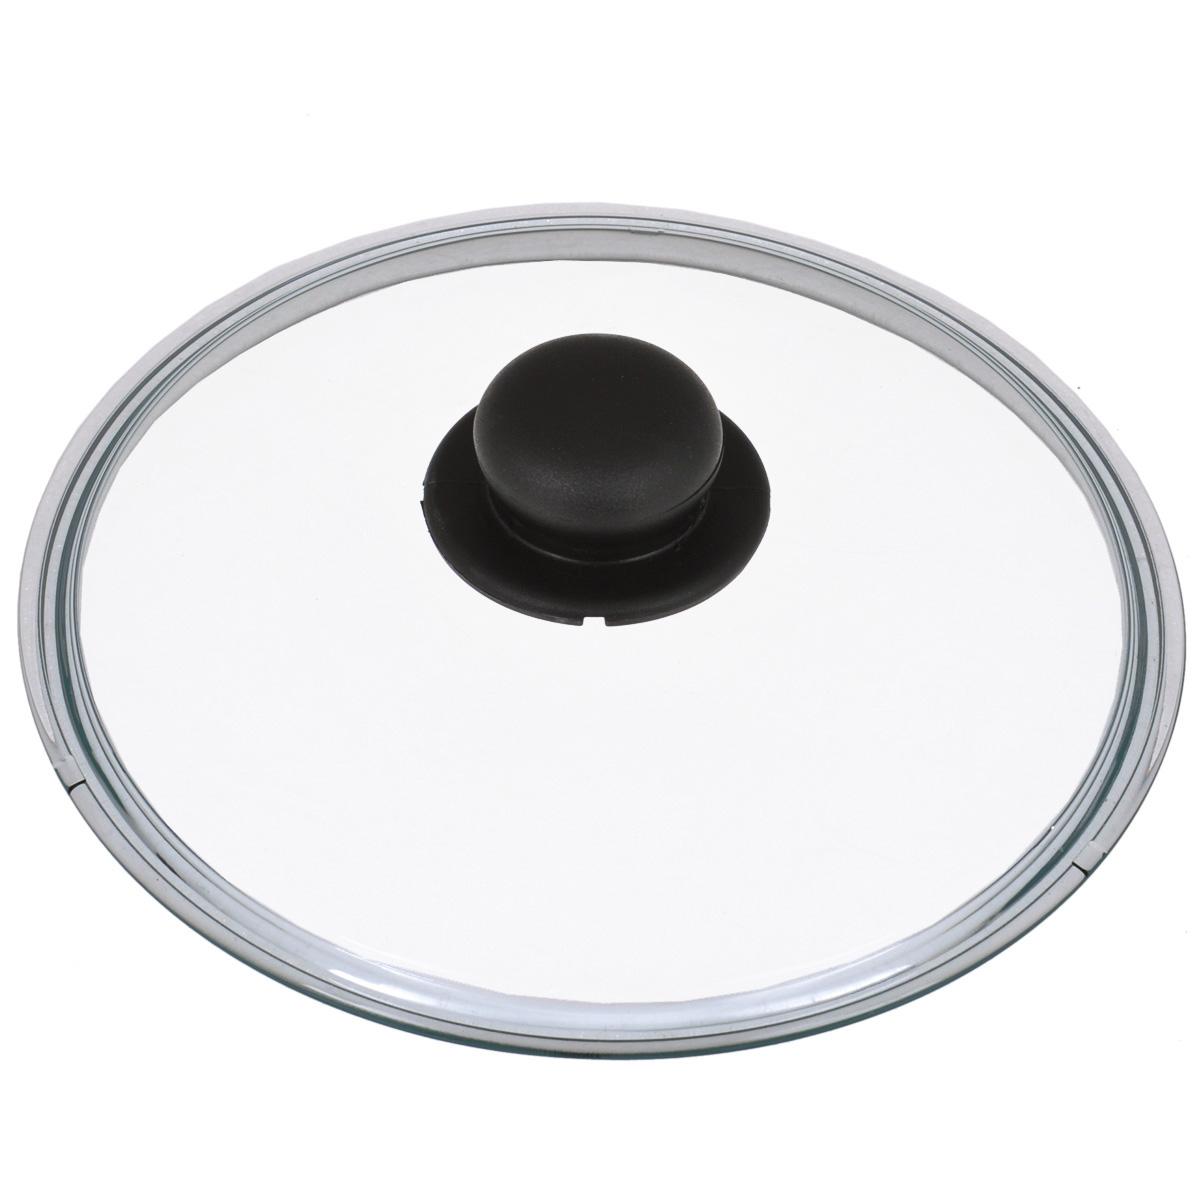 Крышка стеклянная Tescoma Unicover. Диаметр 24 см619024Стеклянная крышка Tescoma Unicover изготовлена из массивного прочного стекла и оснащена термостойкой бакелитовой ручкой. Крышка Tescoma Unicover предназначена для сковород Tescoma Presto, Advance, Premium, Tulip, Home Profi, Vision.Также ее можно использовать для других сковород и посуды соответствующего диаметра.Можно мыть в посудомоечной машине. Не использовать в духовке.